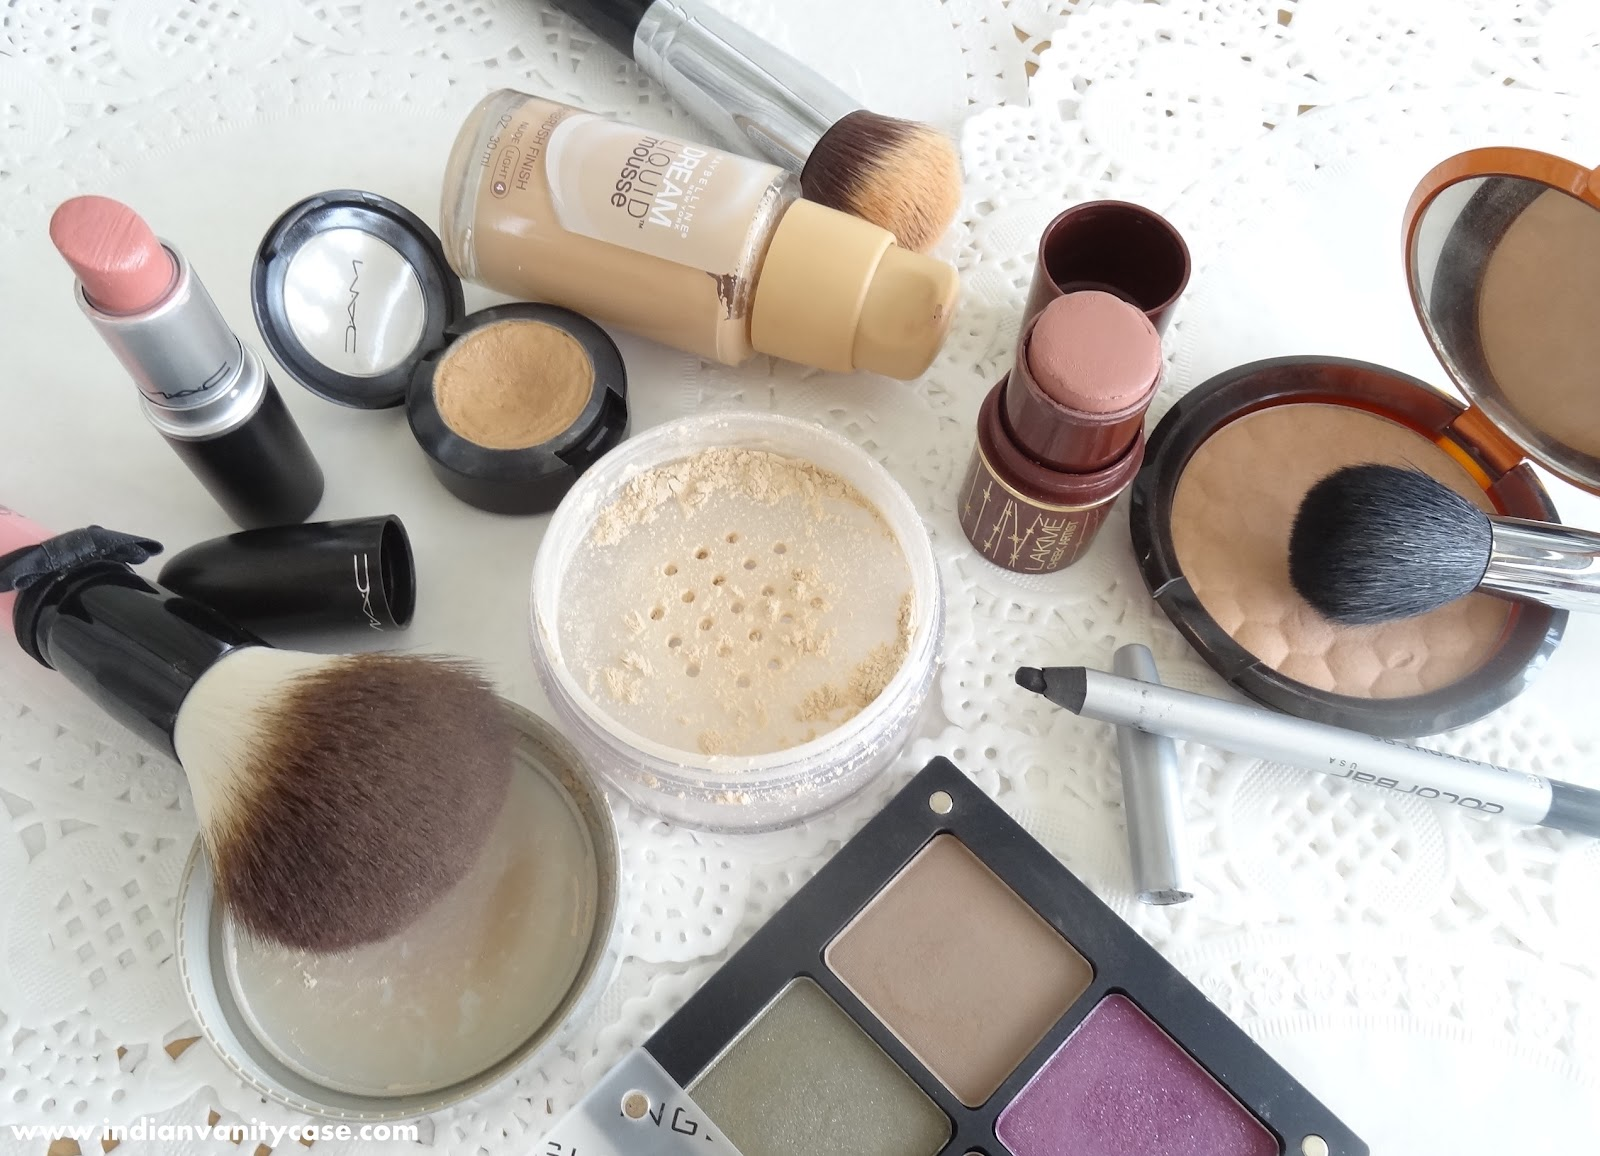 kosmetika-dlya-grima-kupit